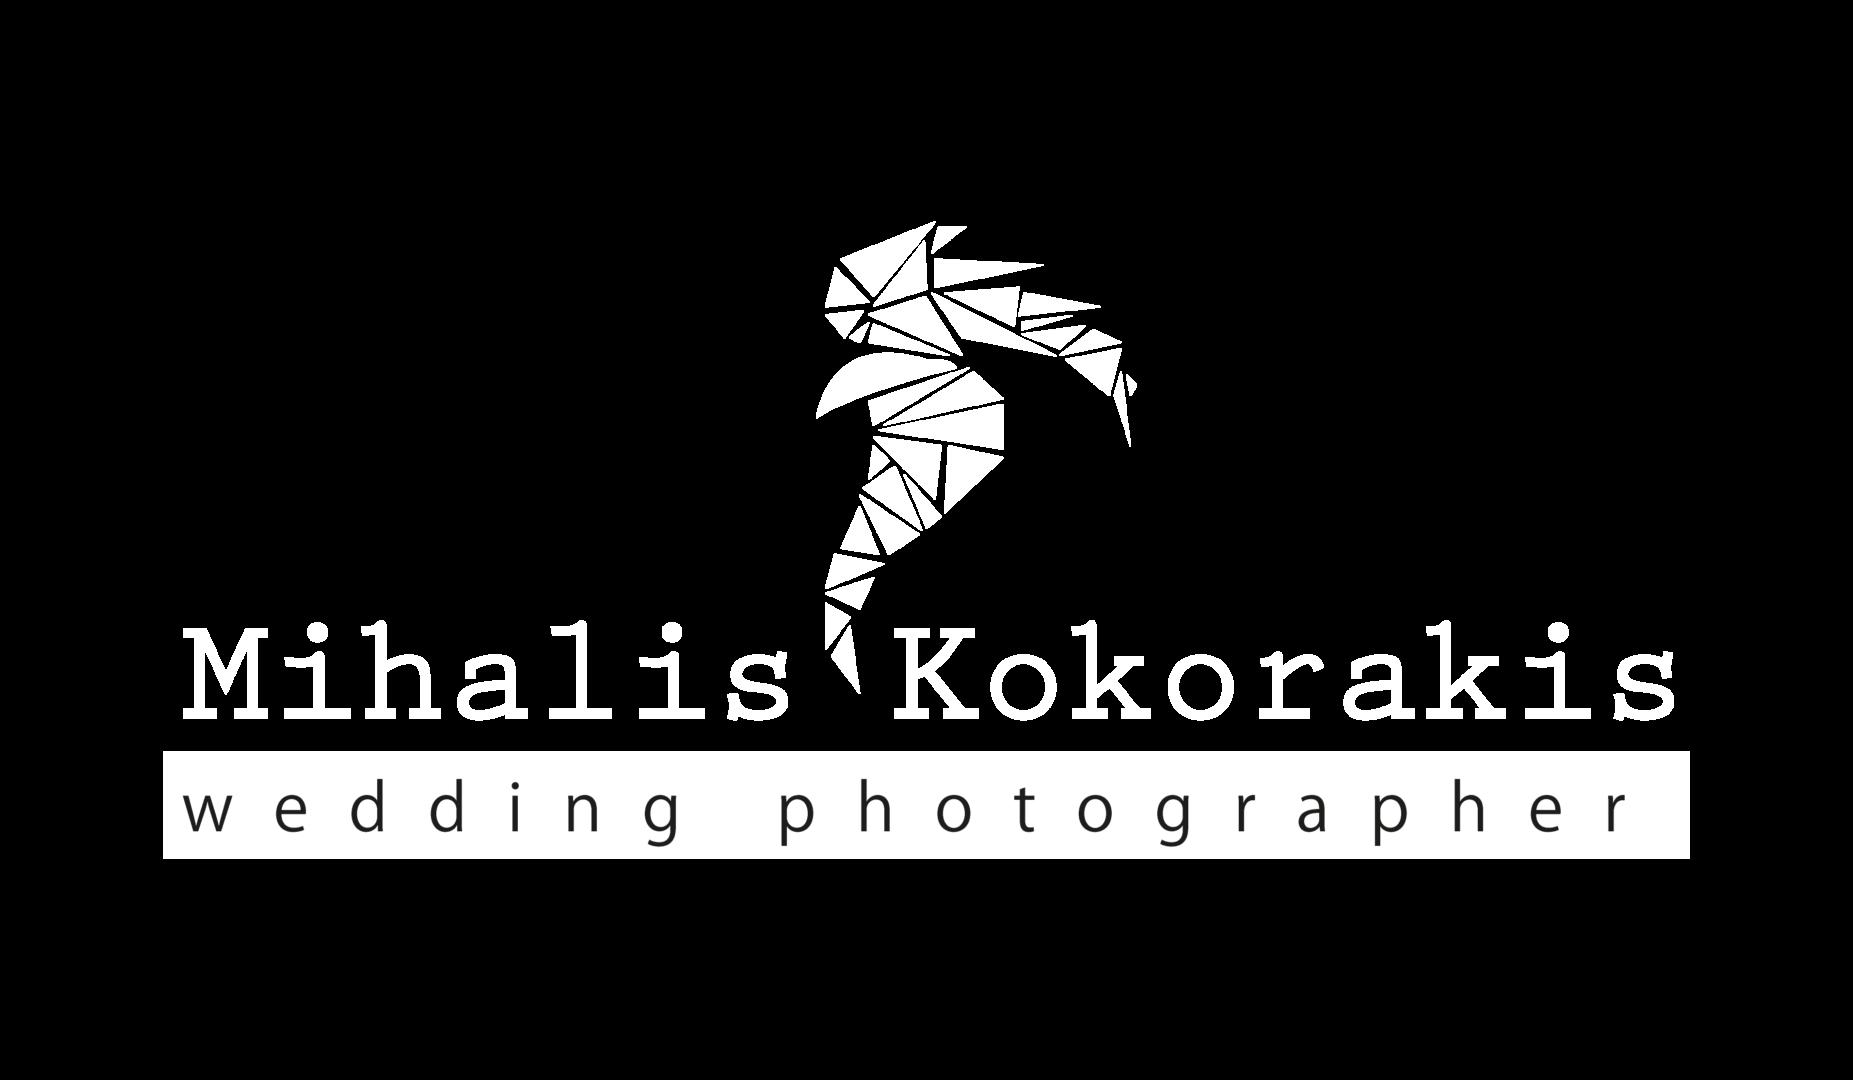 Kokorakis Photography